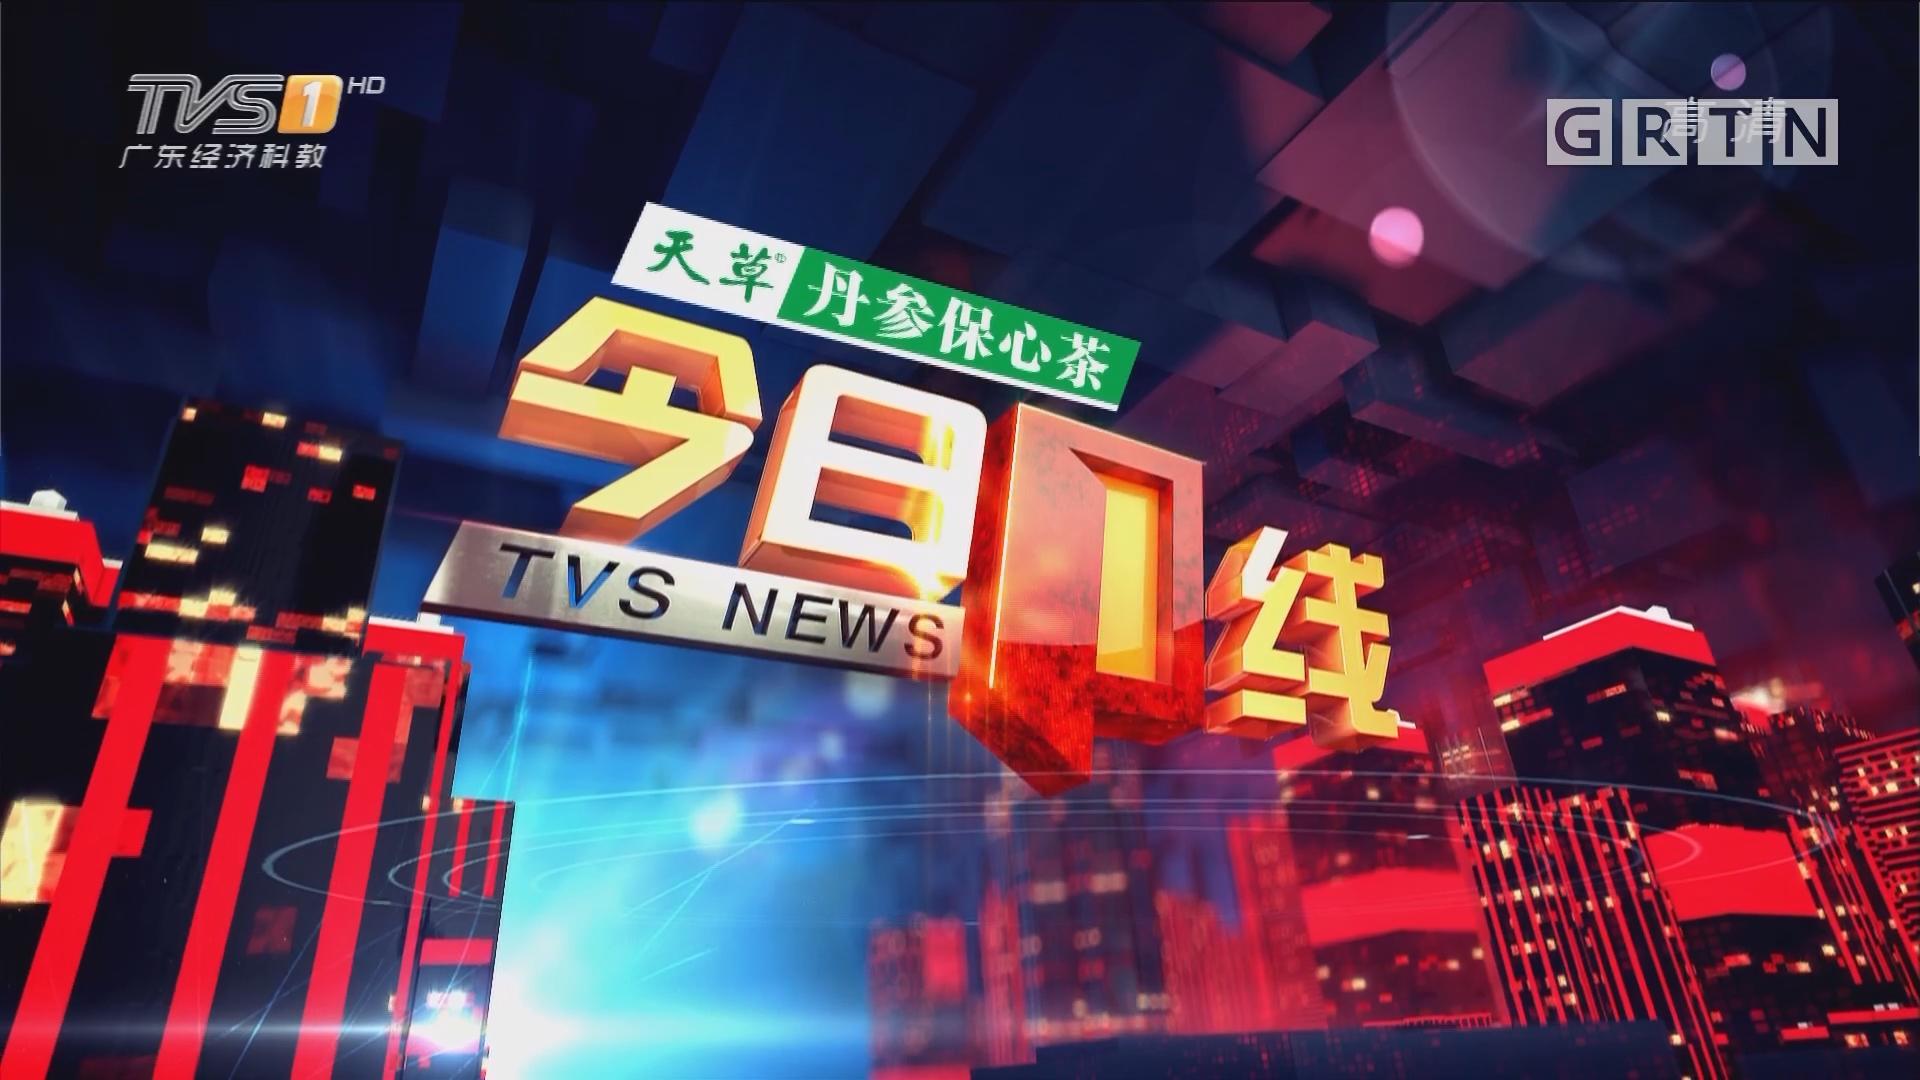 [HD][2018-01-15]今日一线:多家网吧涉违规经营追踪 惠州惠阳:节目播出后 副区长带队连夜查网吧